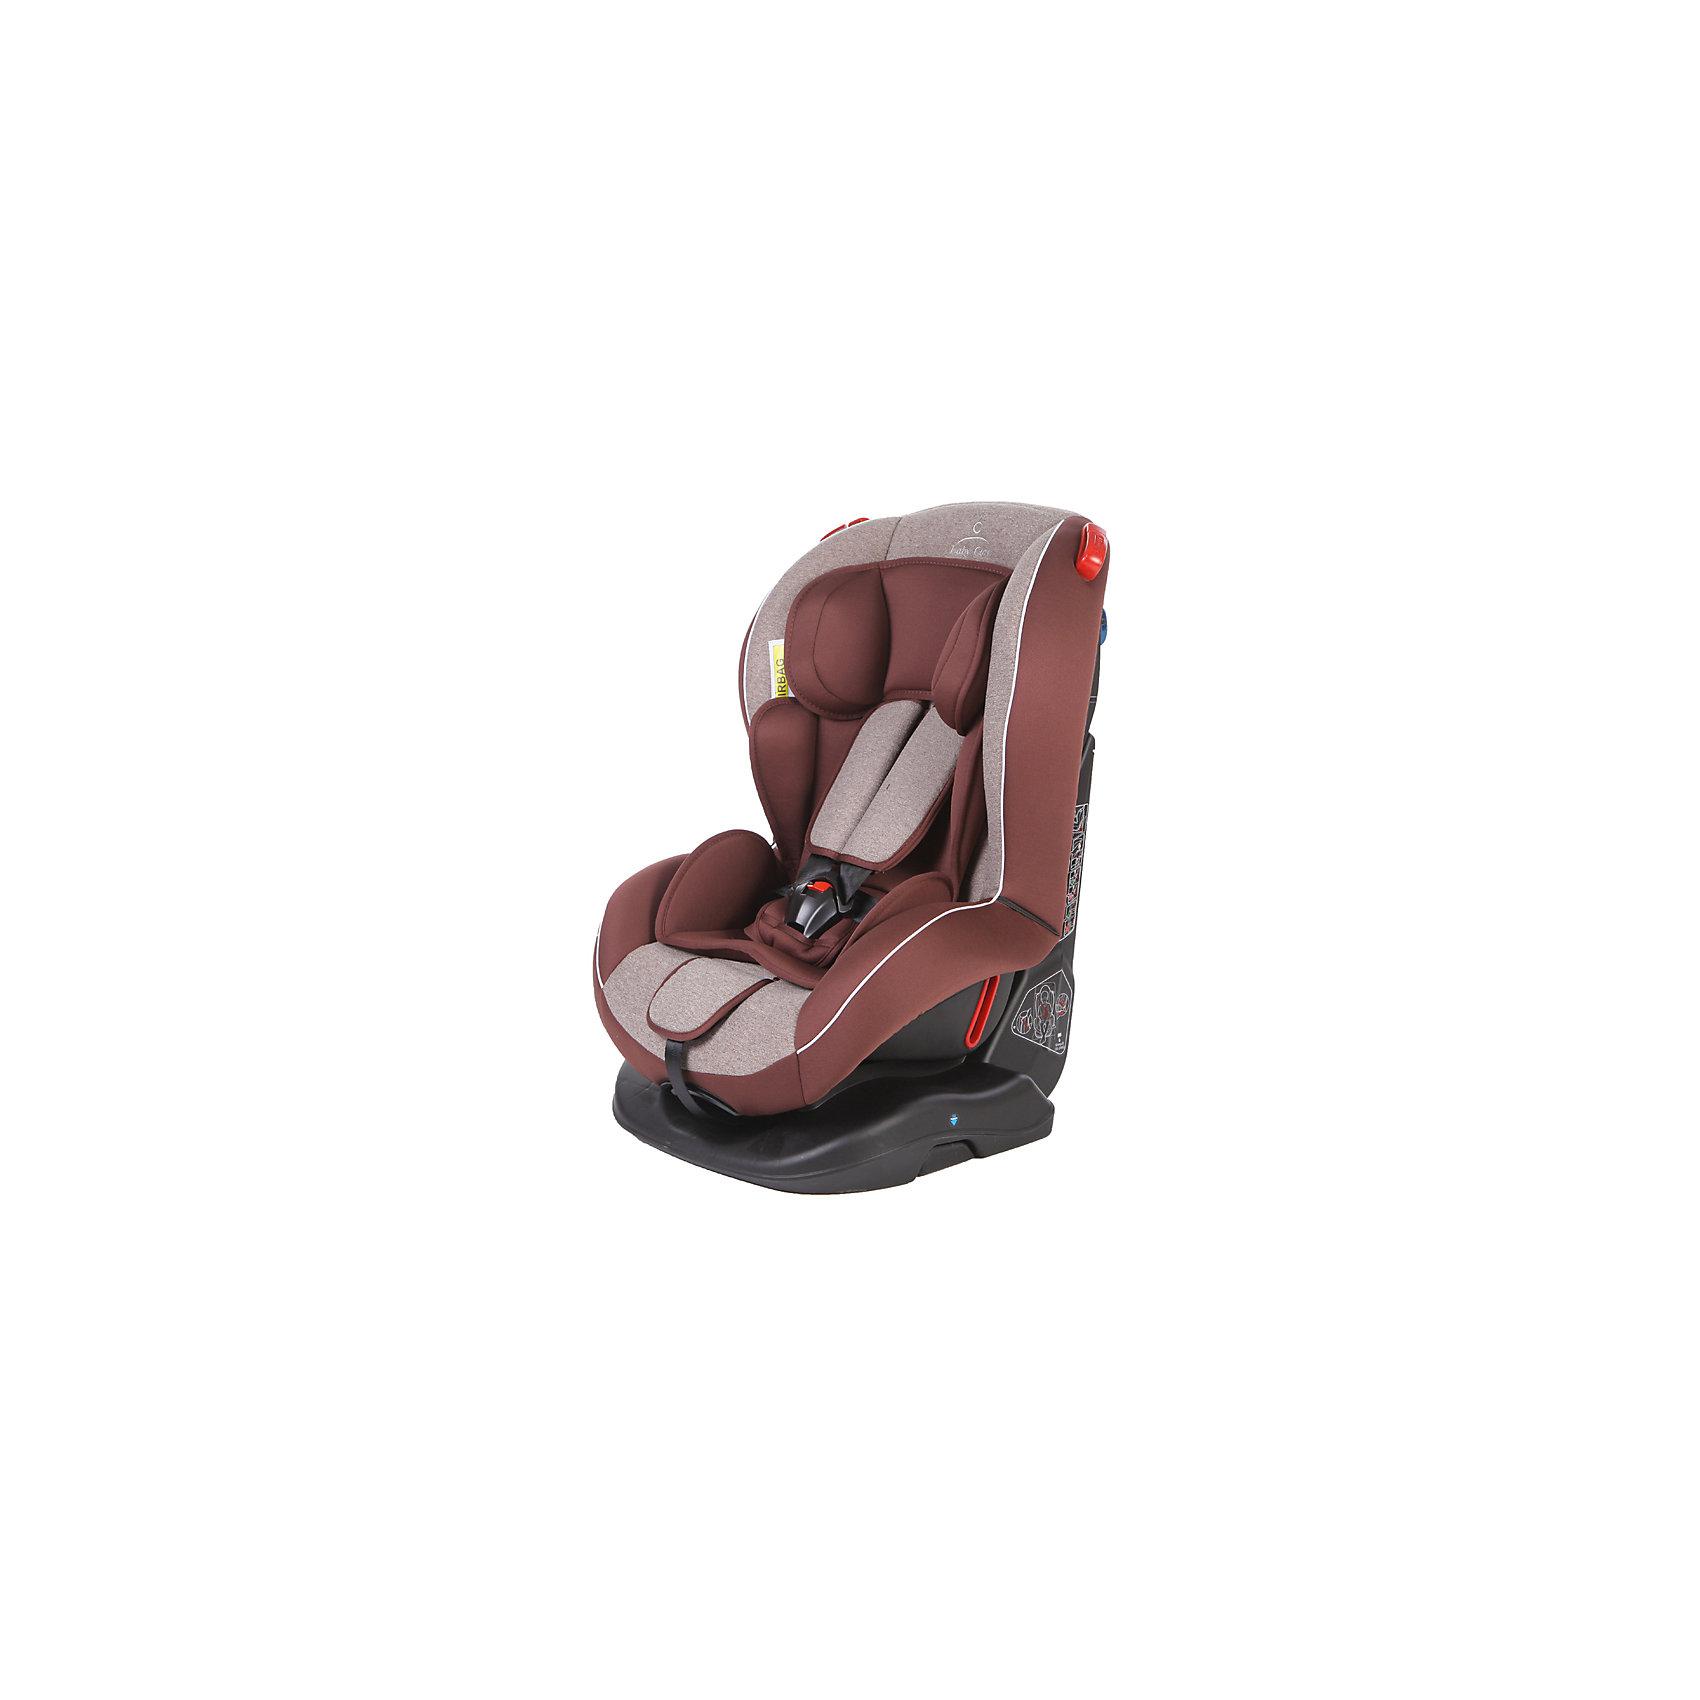 Автокресло Baby Care Basic Evolution 0-25 кг, бежевый/коричневый